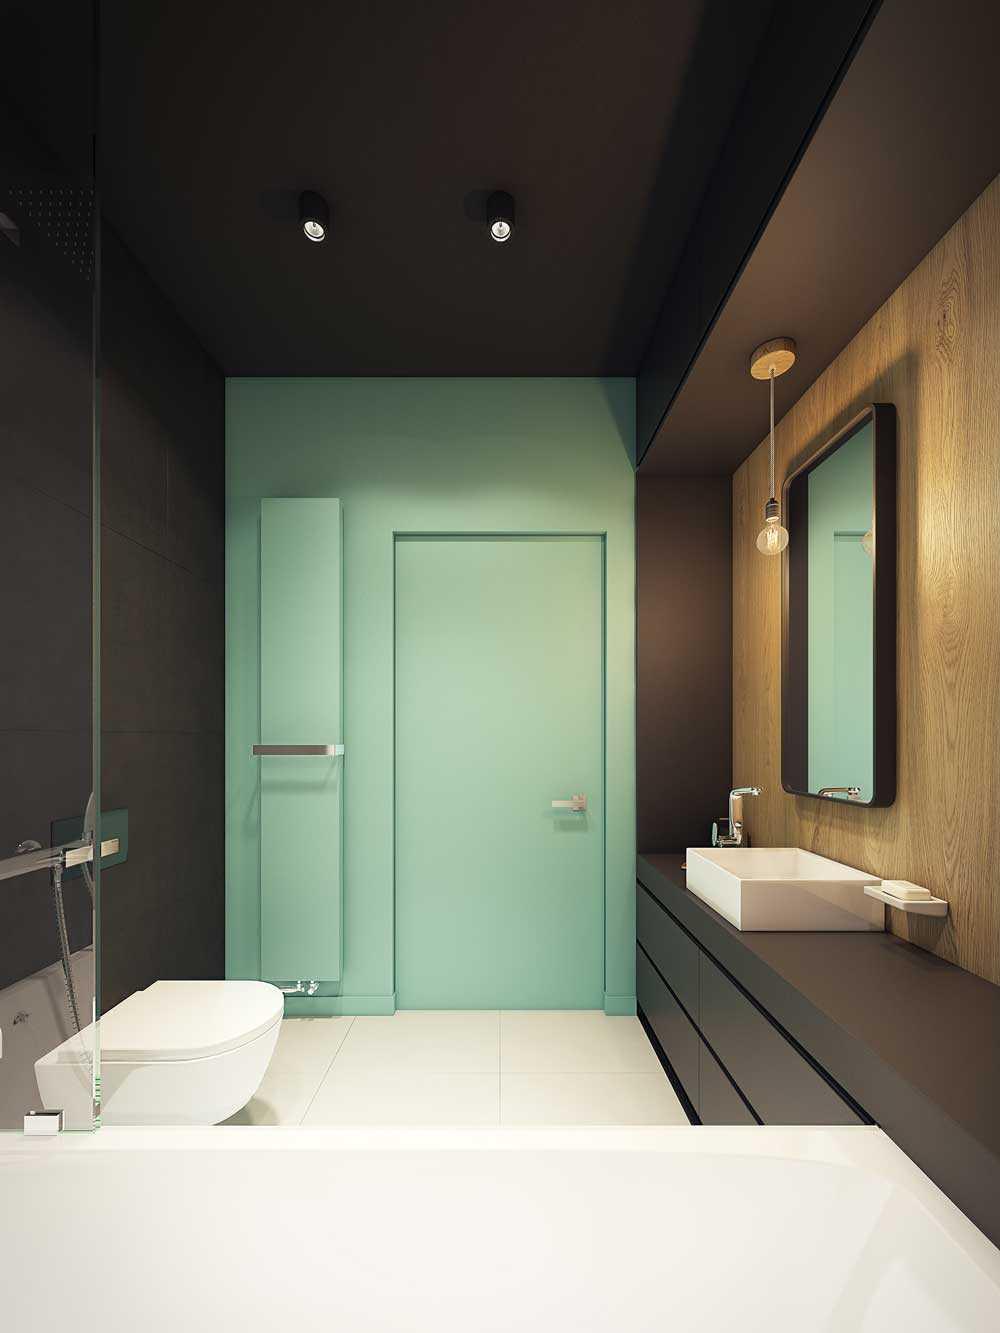 ideja par skaistu vannas istabas interjeru 6 kv.m platībā